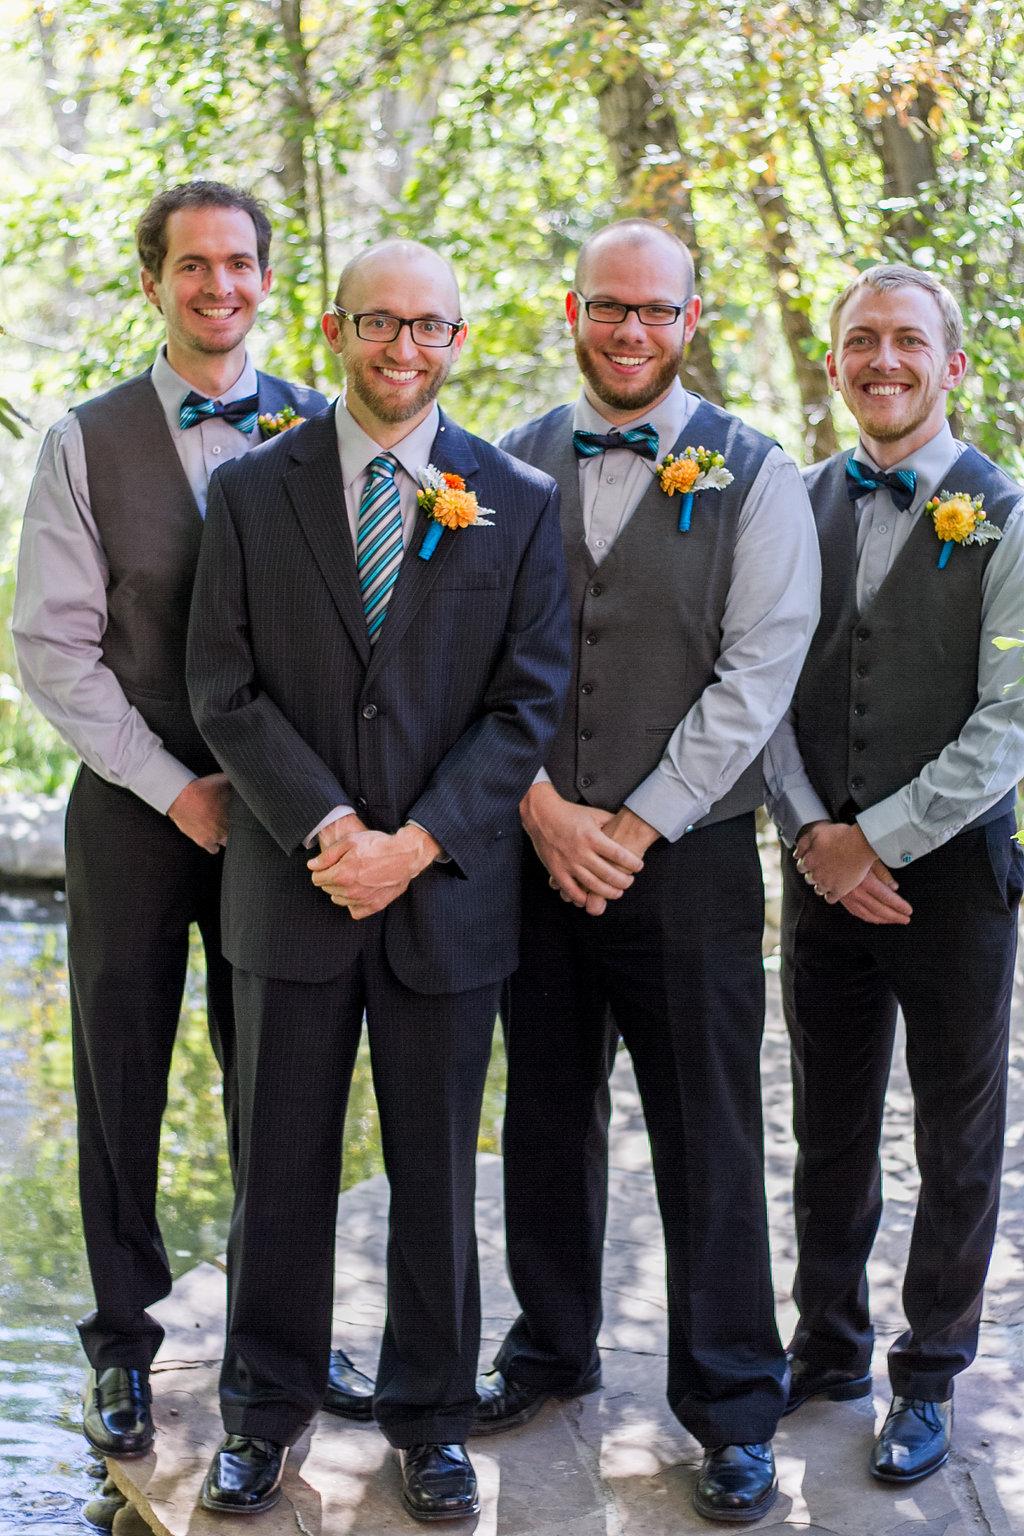 weddingparty-7.jpg